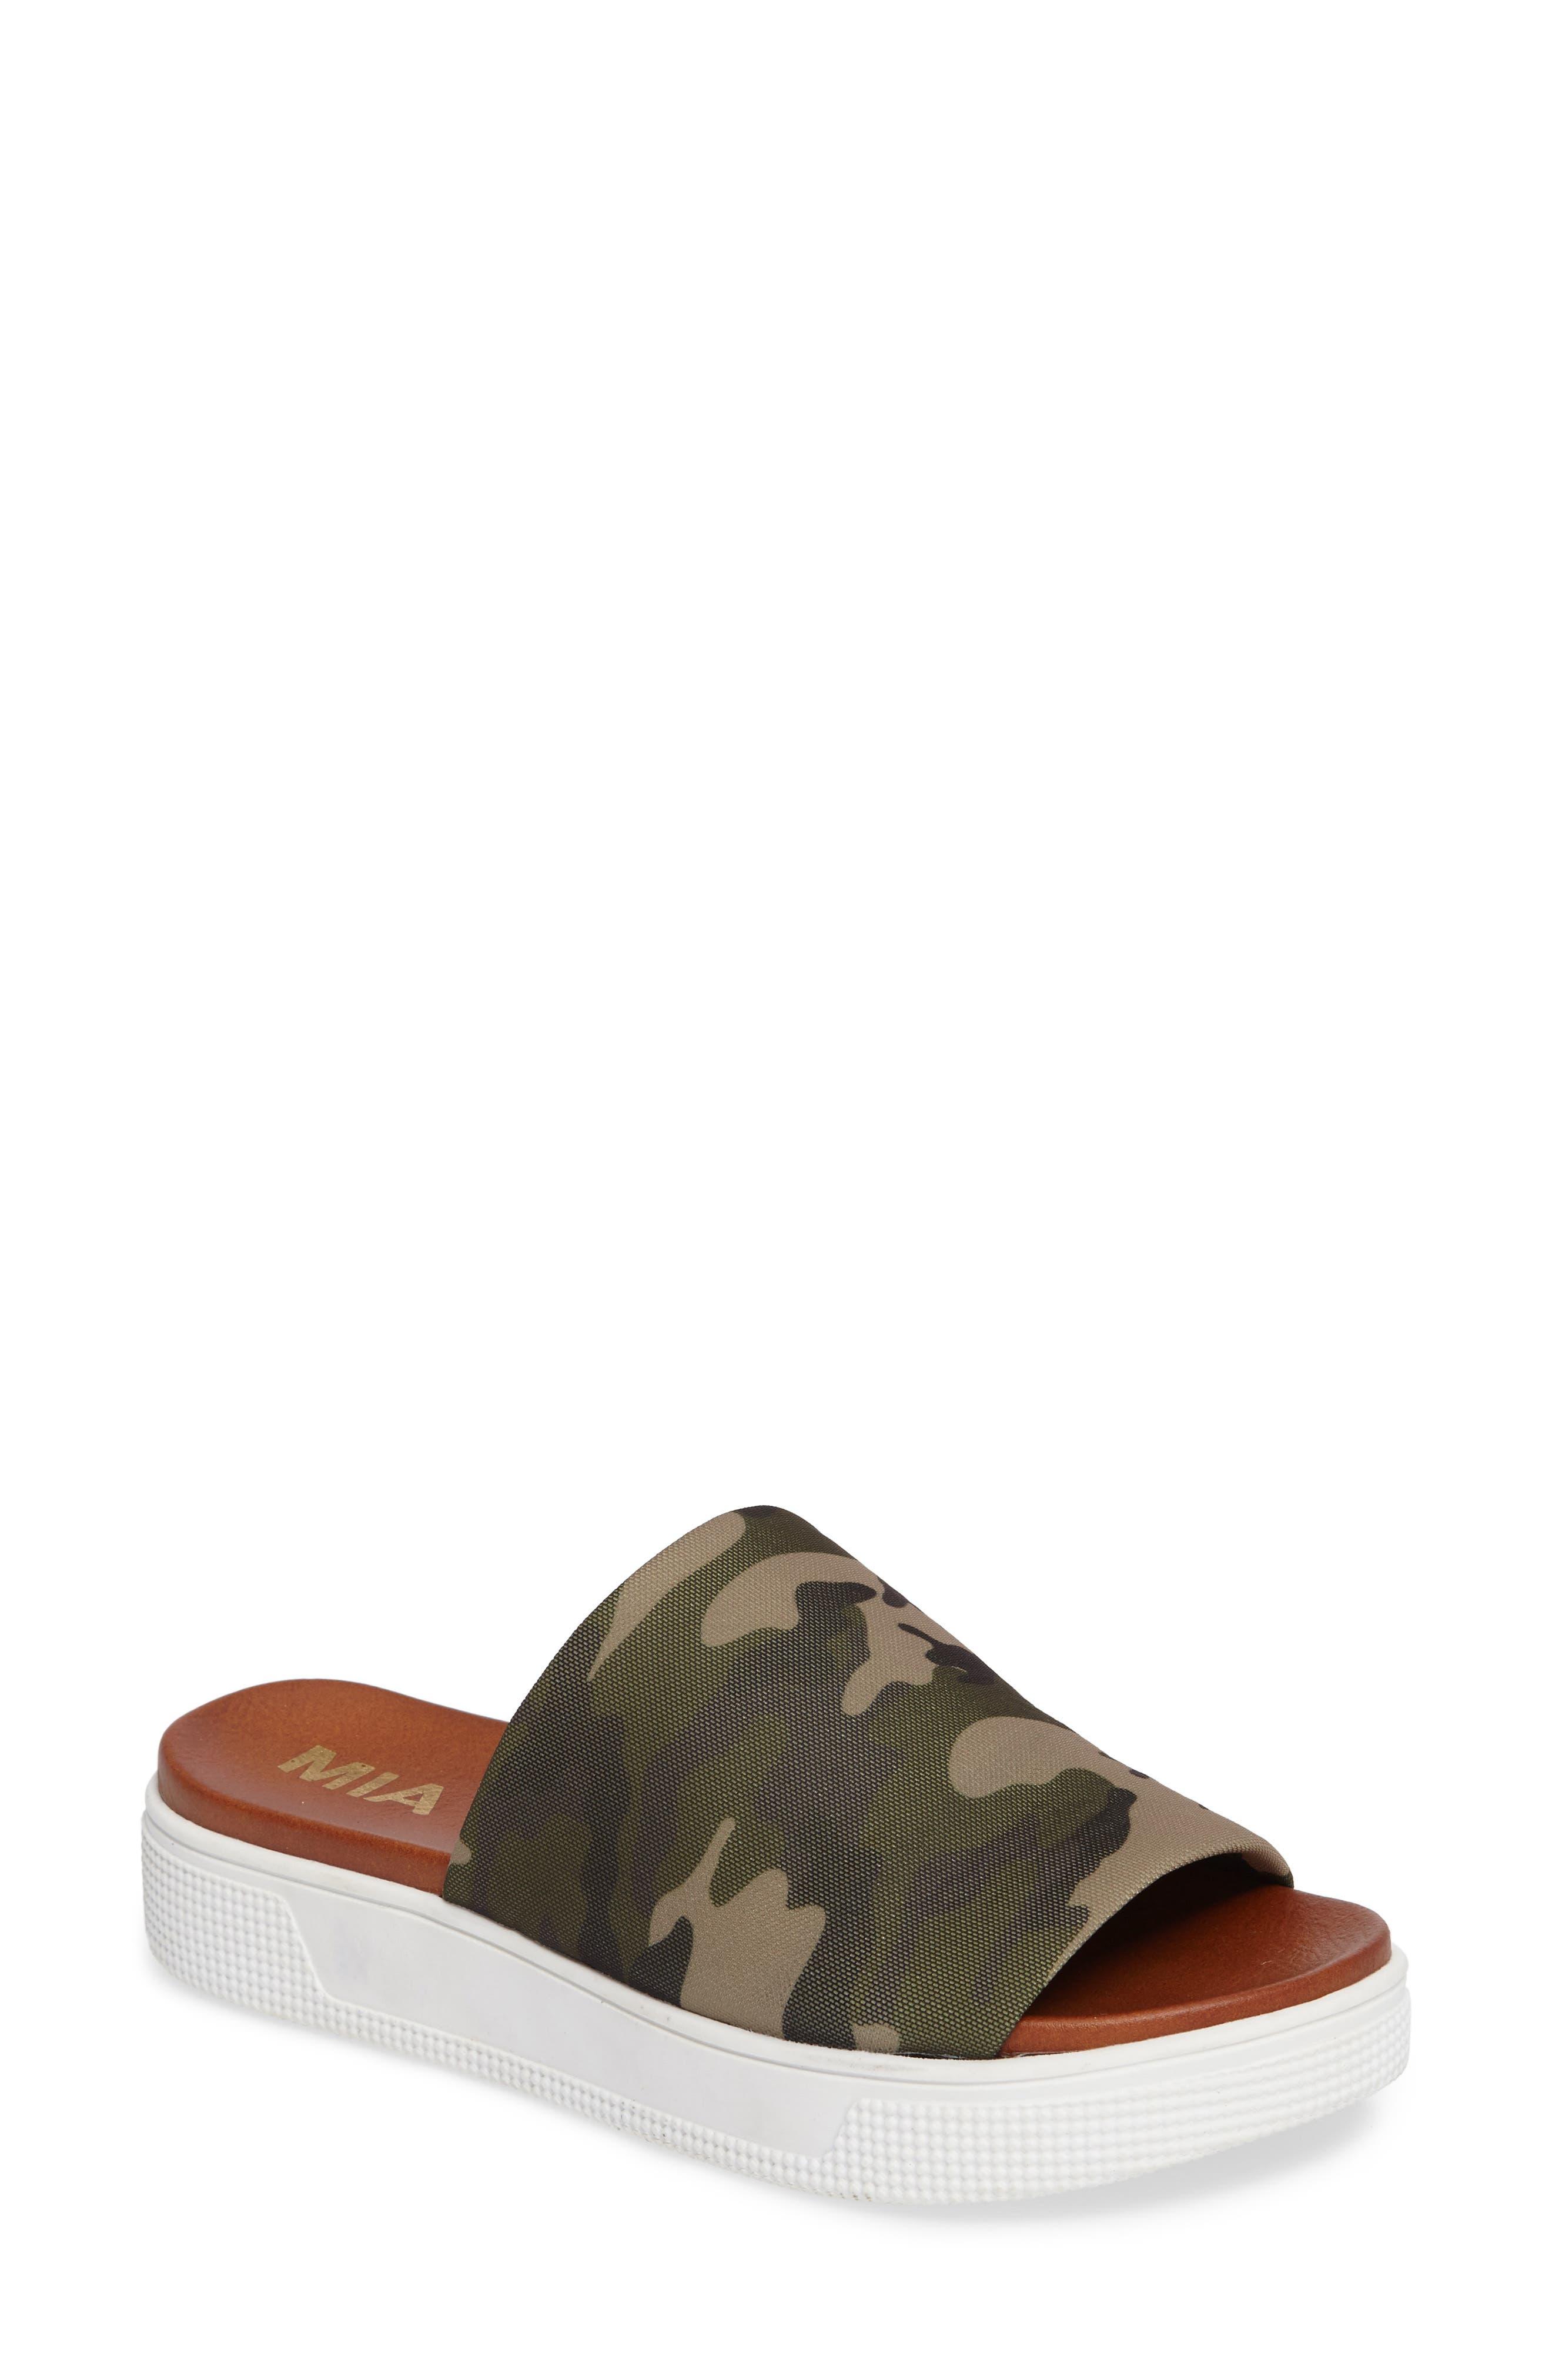 MIA Pax Slide Sandal (Women)